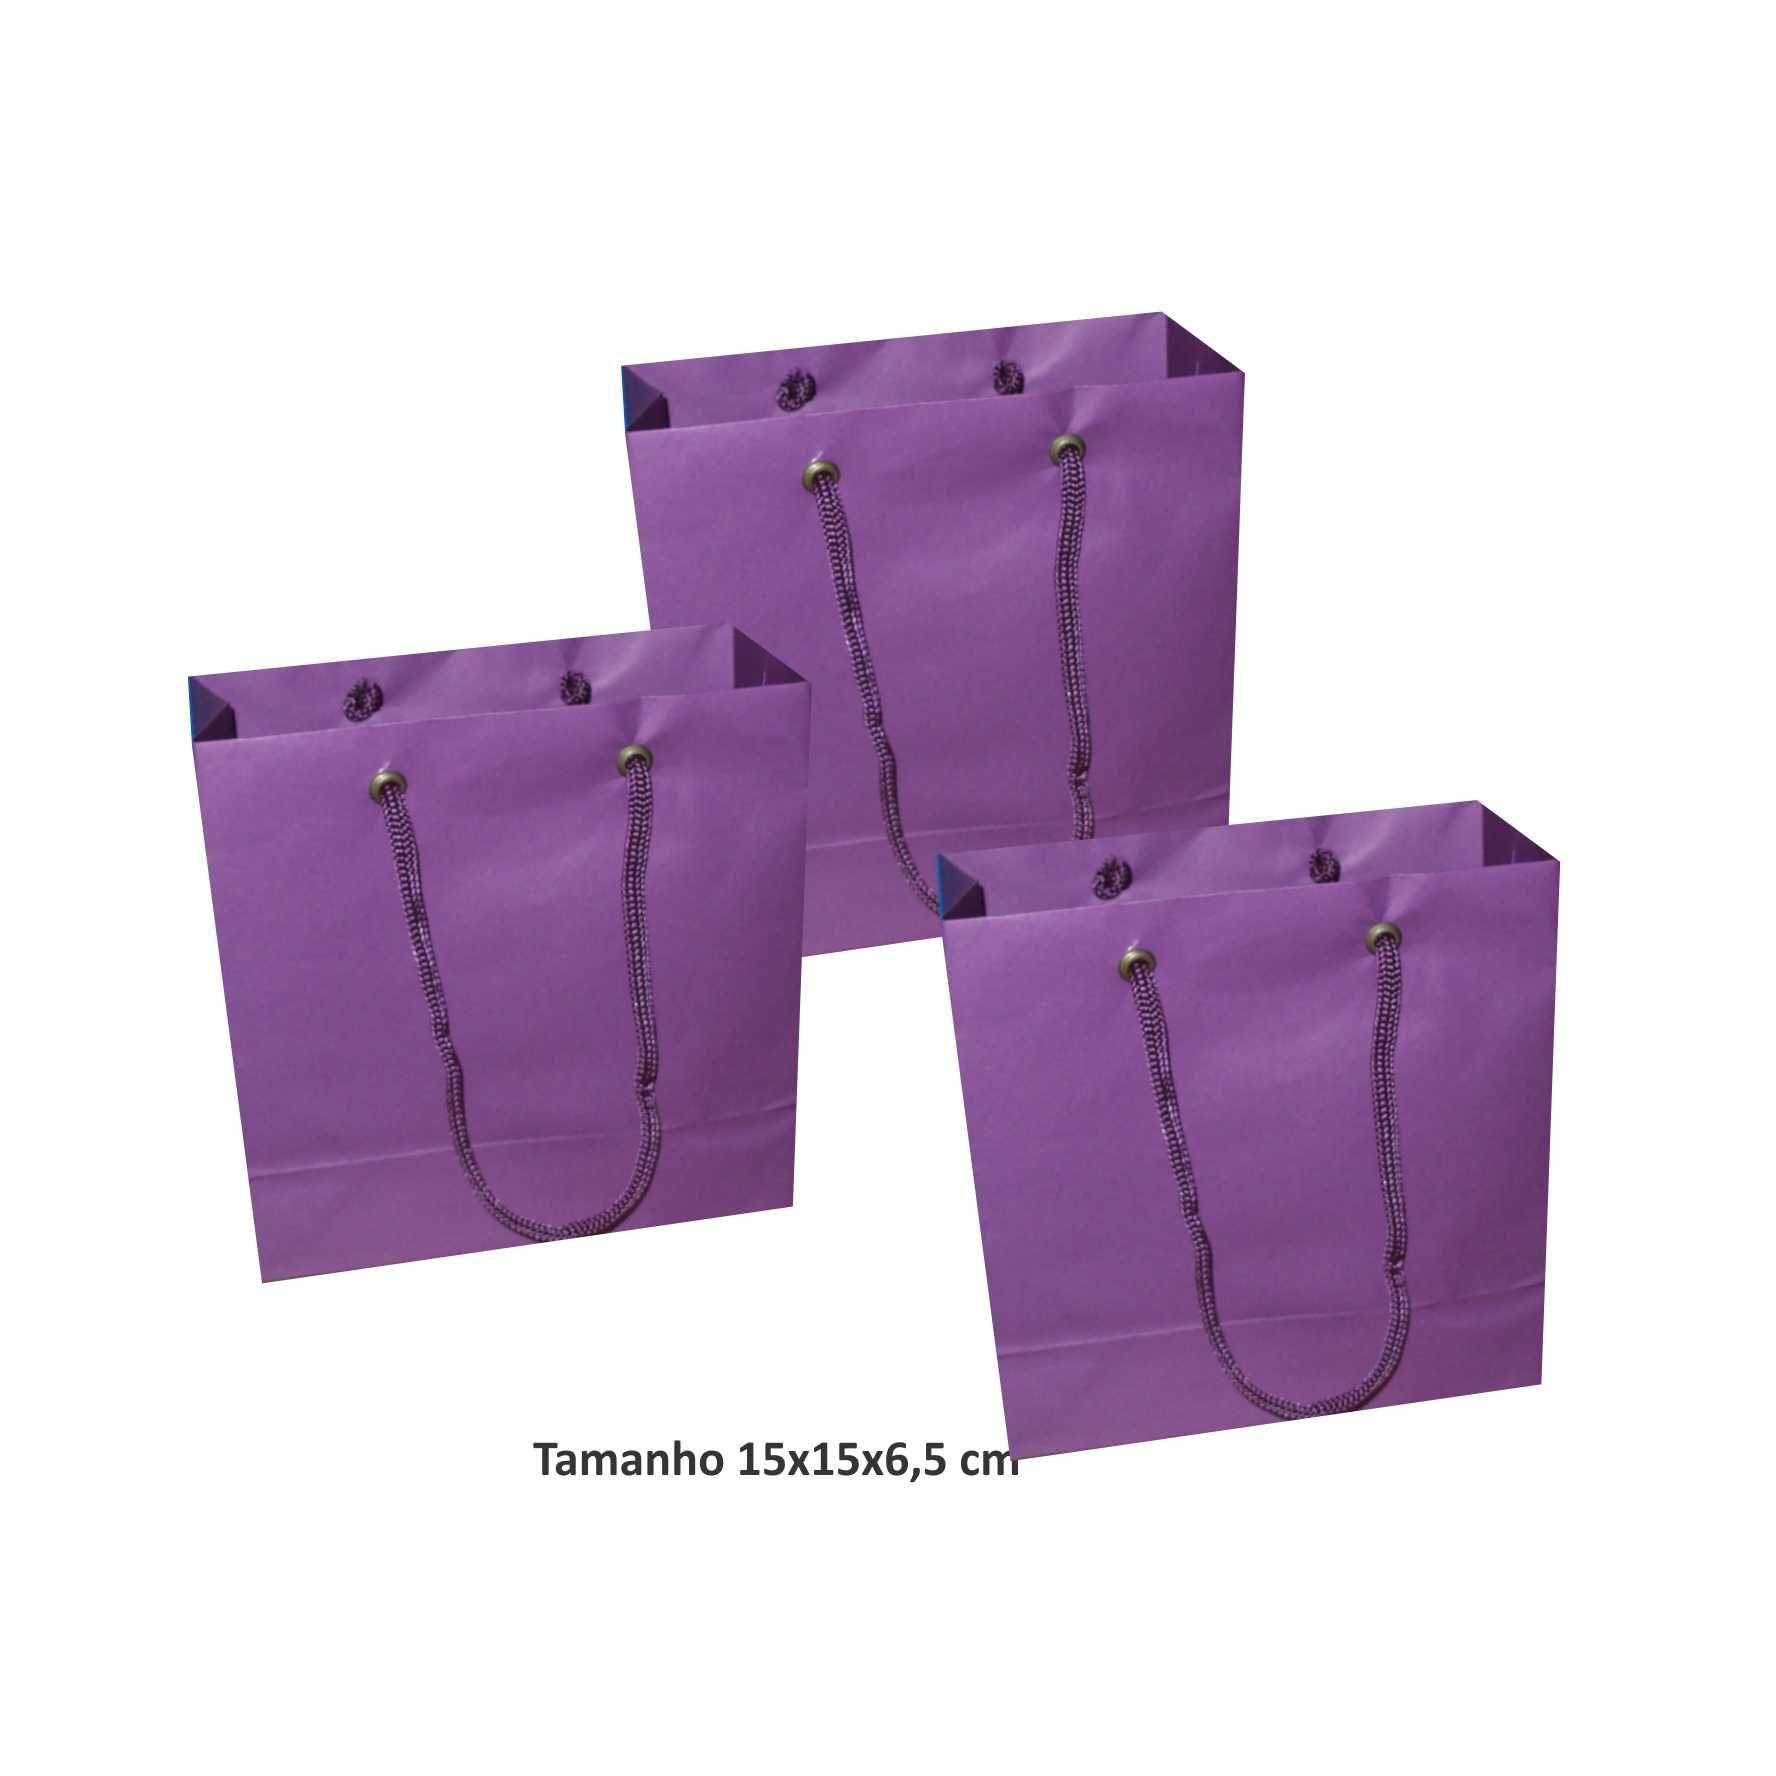 Sacola de papel Pequena (15x15x6,5 cm) lilás - 10 unidades